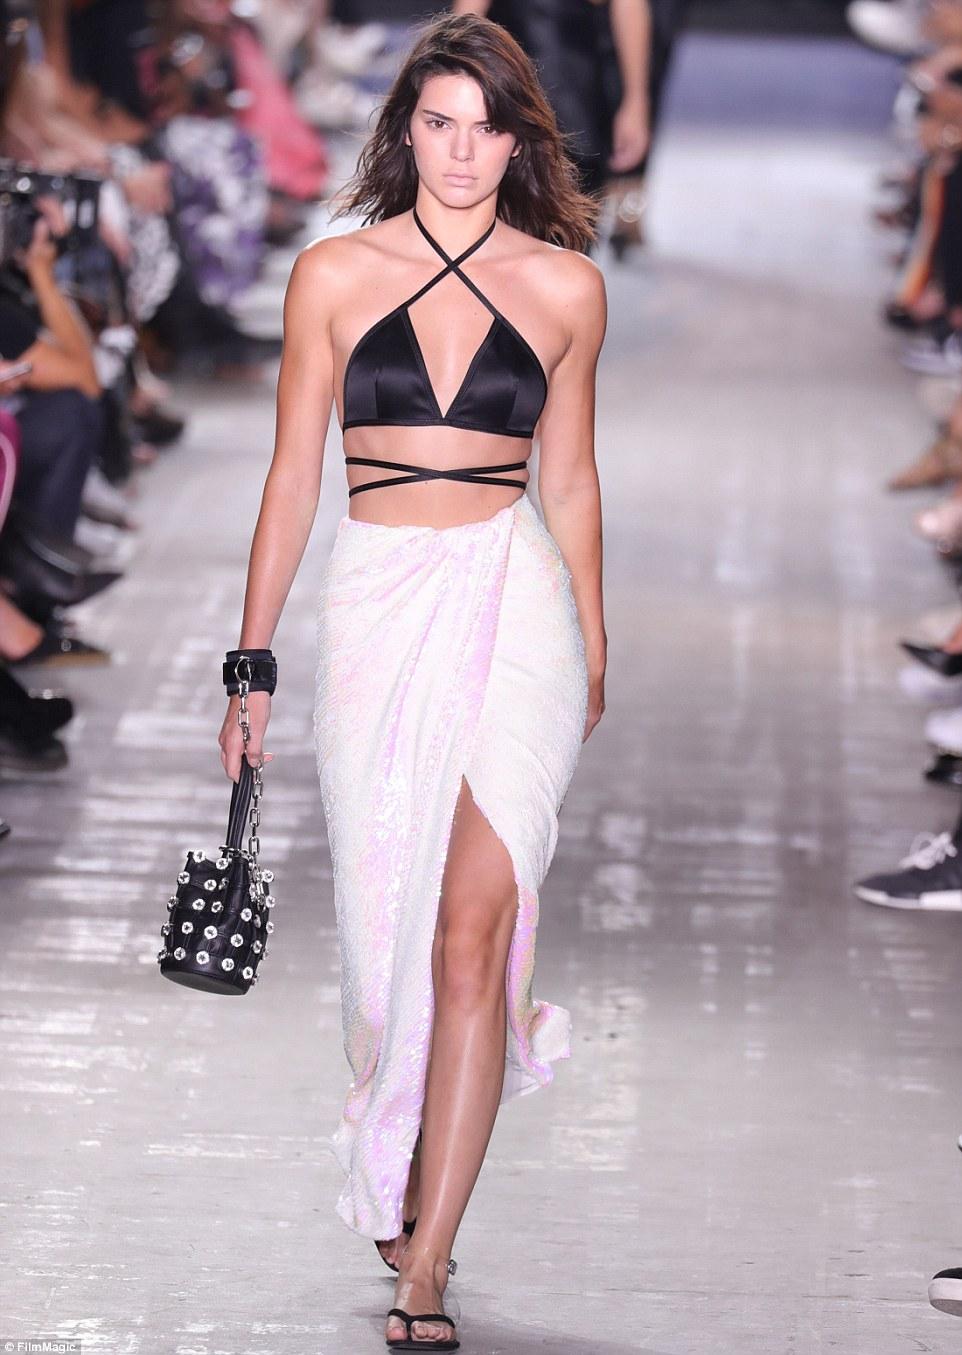 Voltar a bordo: Kendall Jenner conseguiu seu perfeitamente pinos na engrenagem enfraquecida e desfilou seu caminho para baixo uma passarela para o show de Alexander Wang na noite de sábado - a sua primeira pista da semana de moda de Nova York nesta temporada